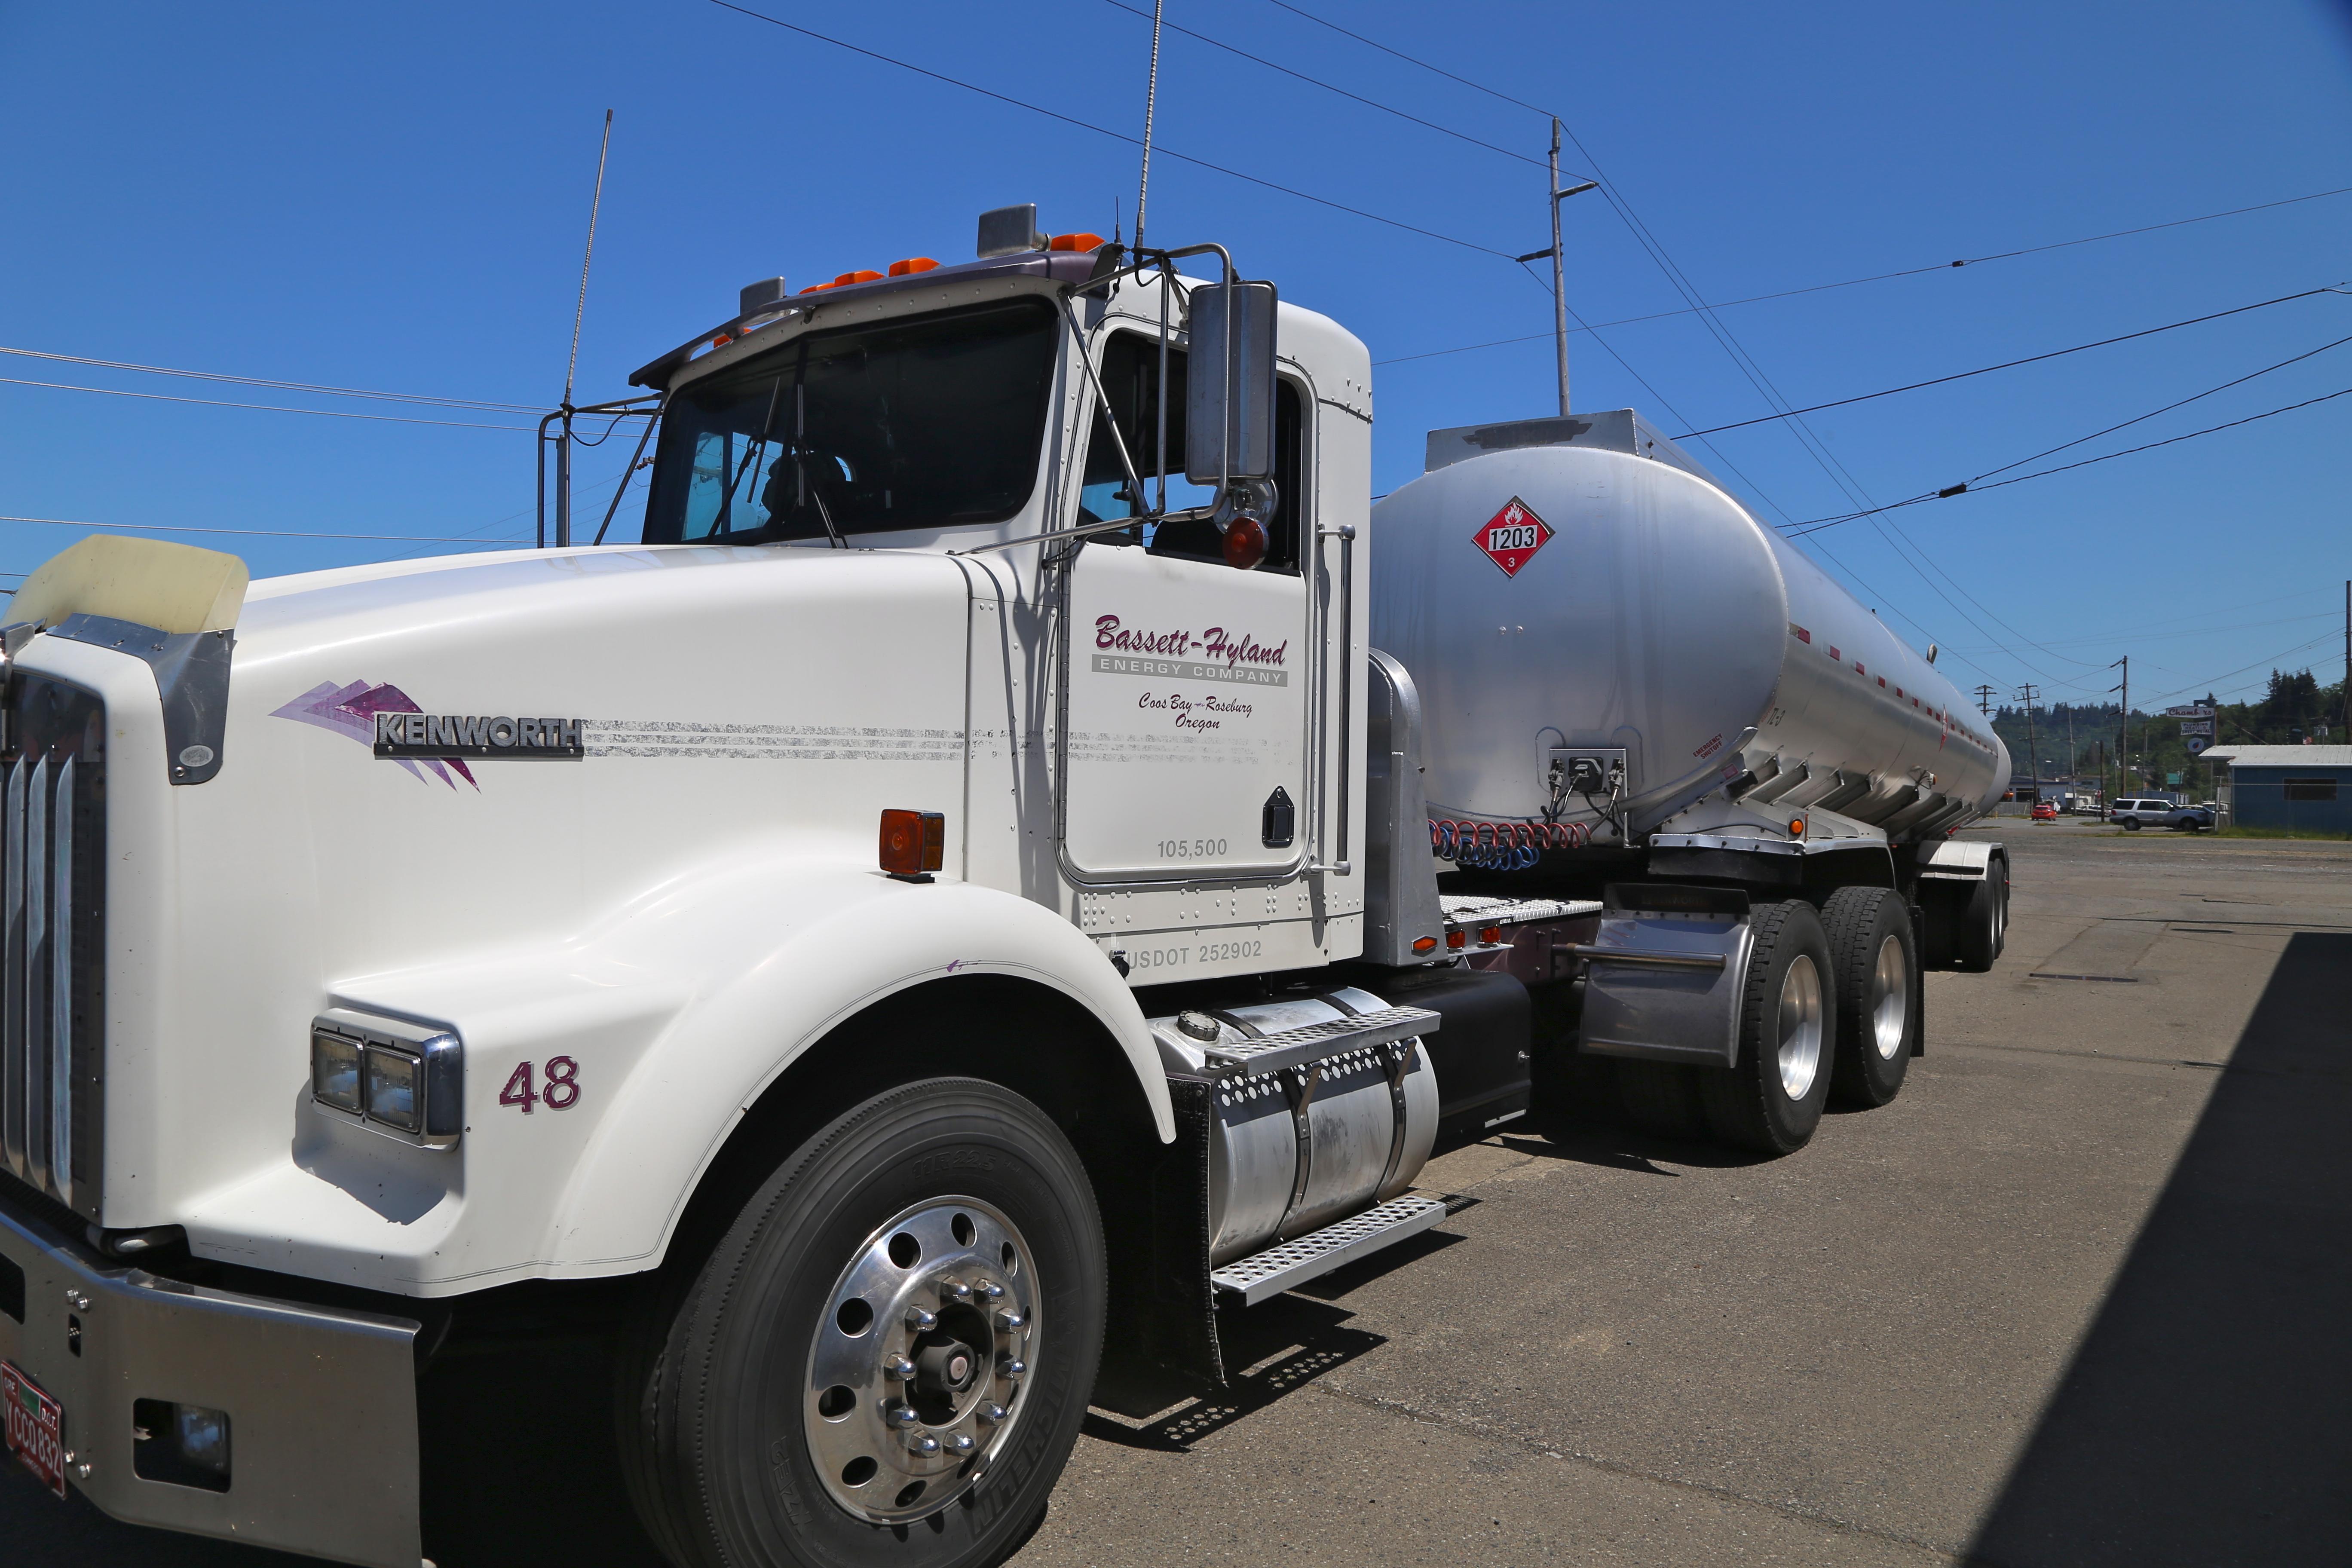 Bassett-Hyland Energy Company image 1